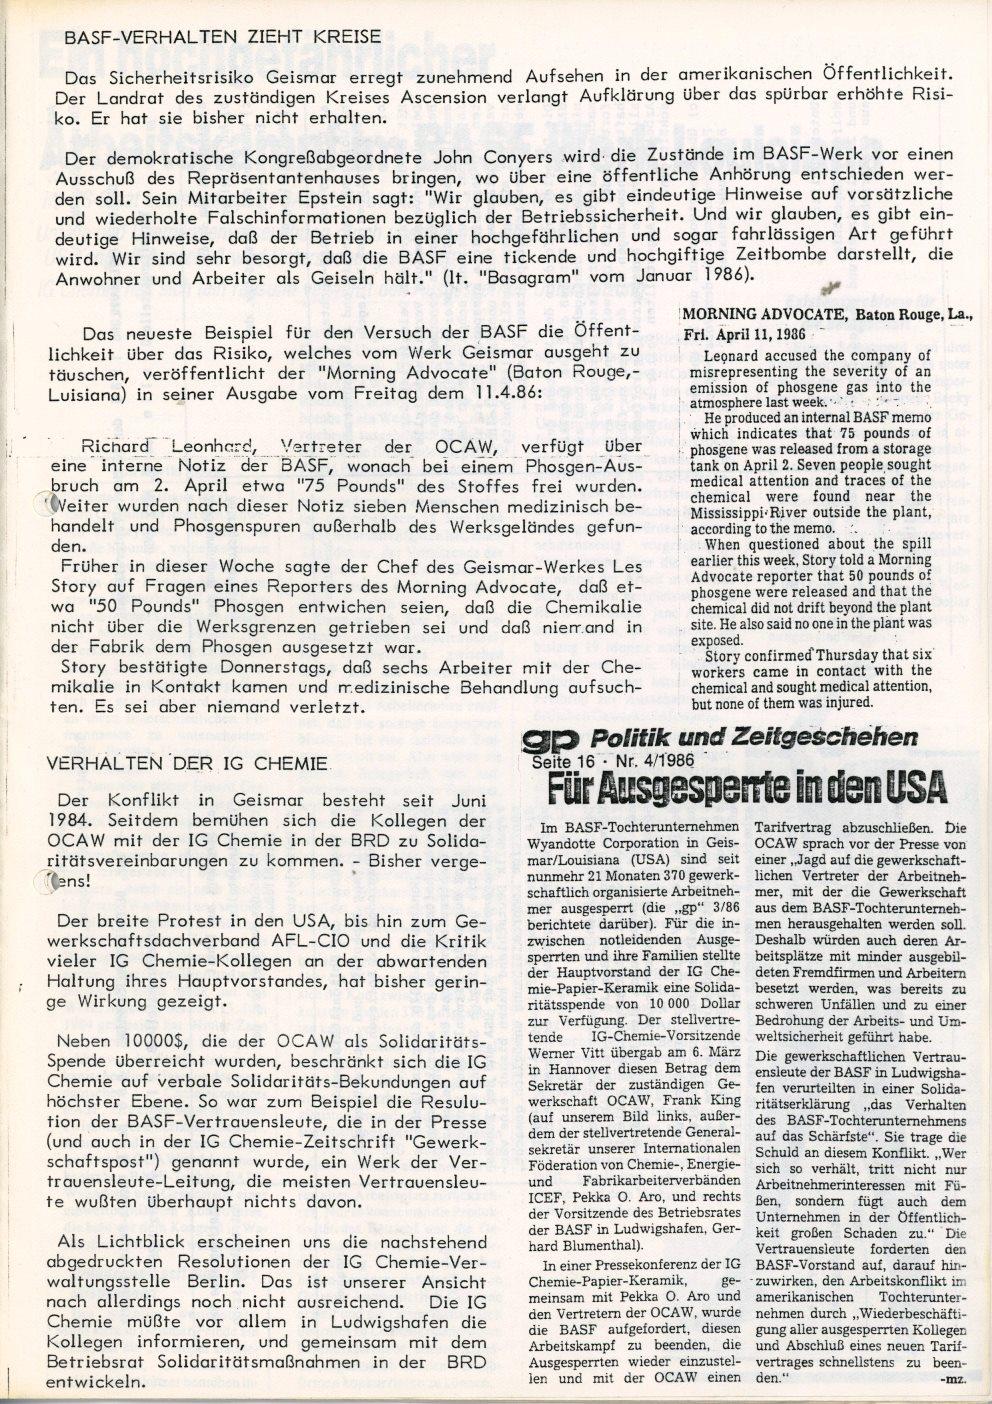 USA_BASF_Aussperrung_in_Geismar_1986_2_09